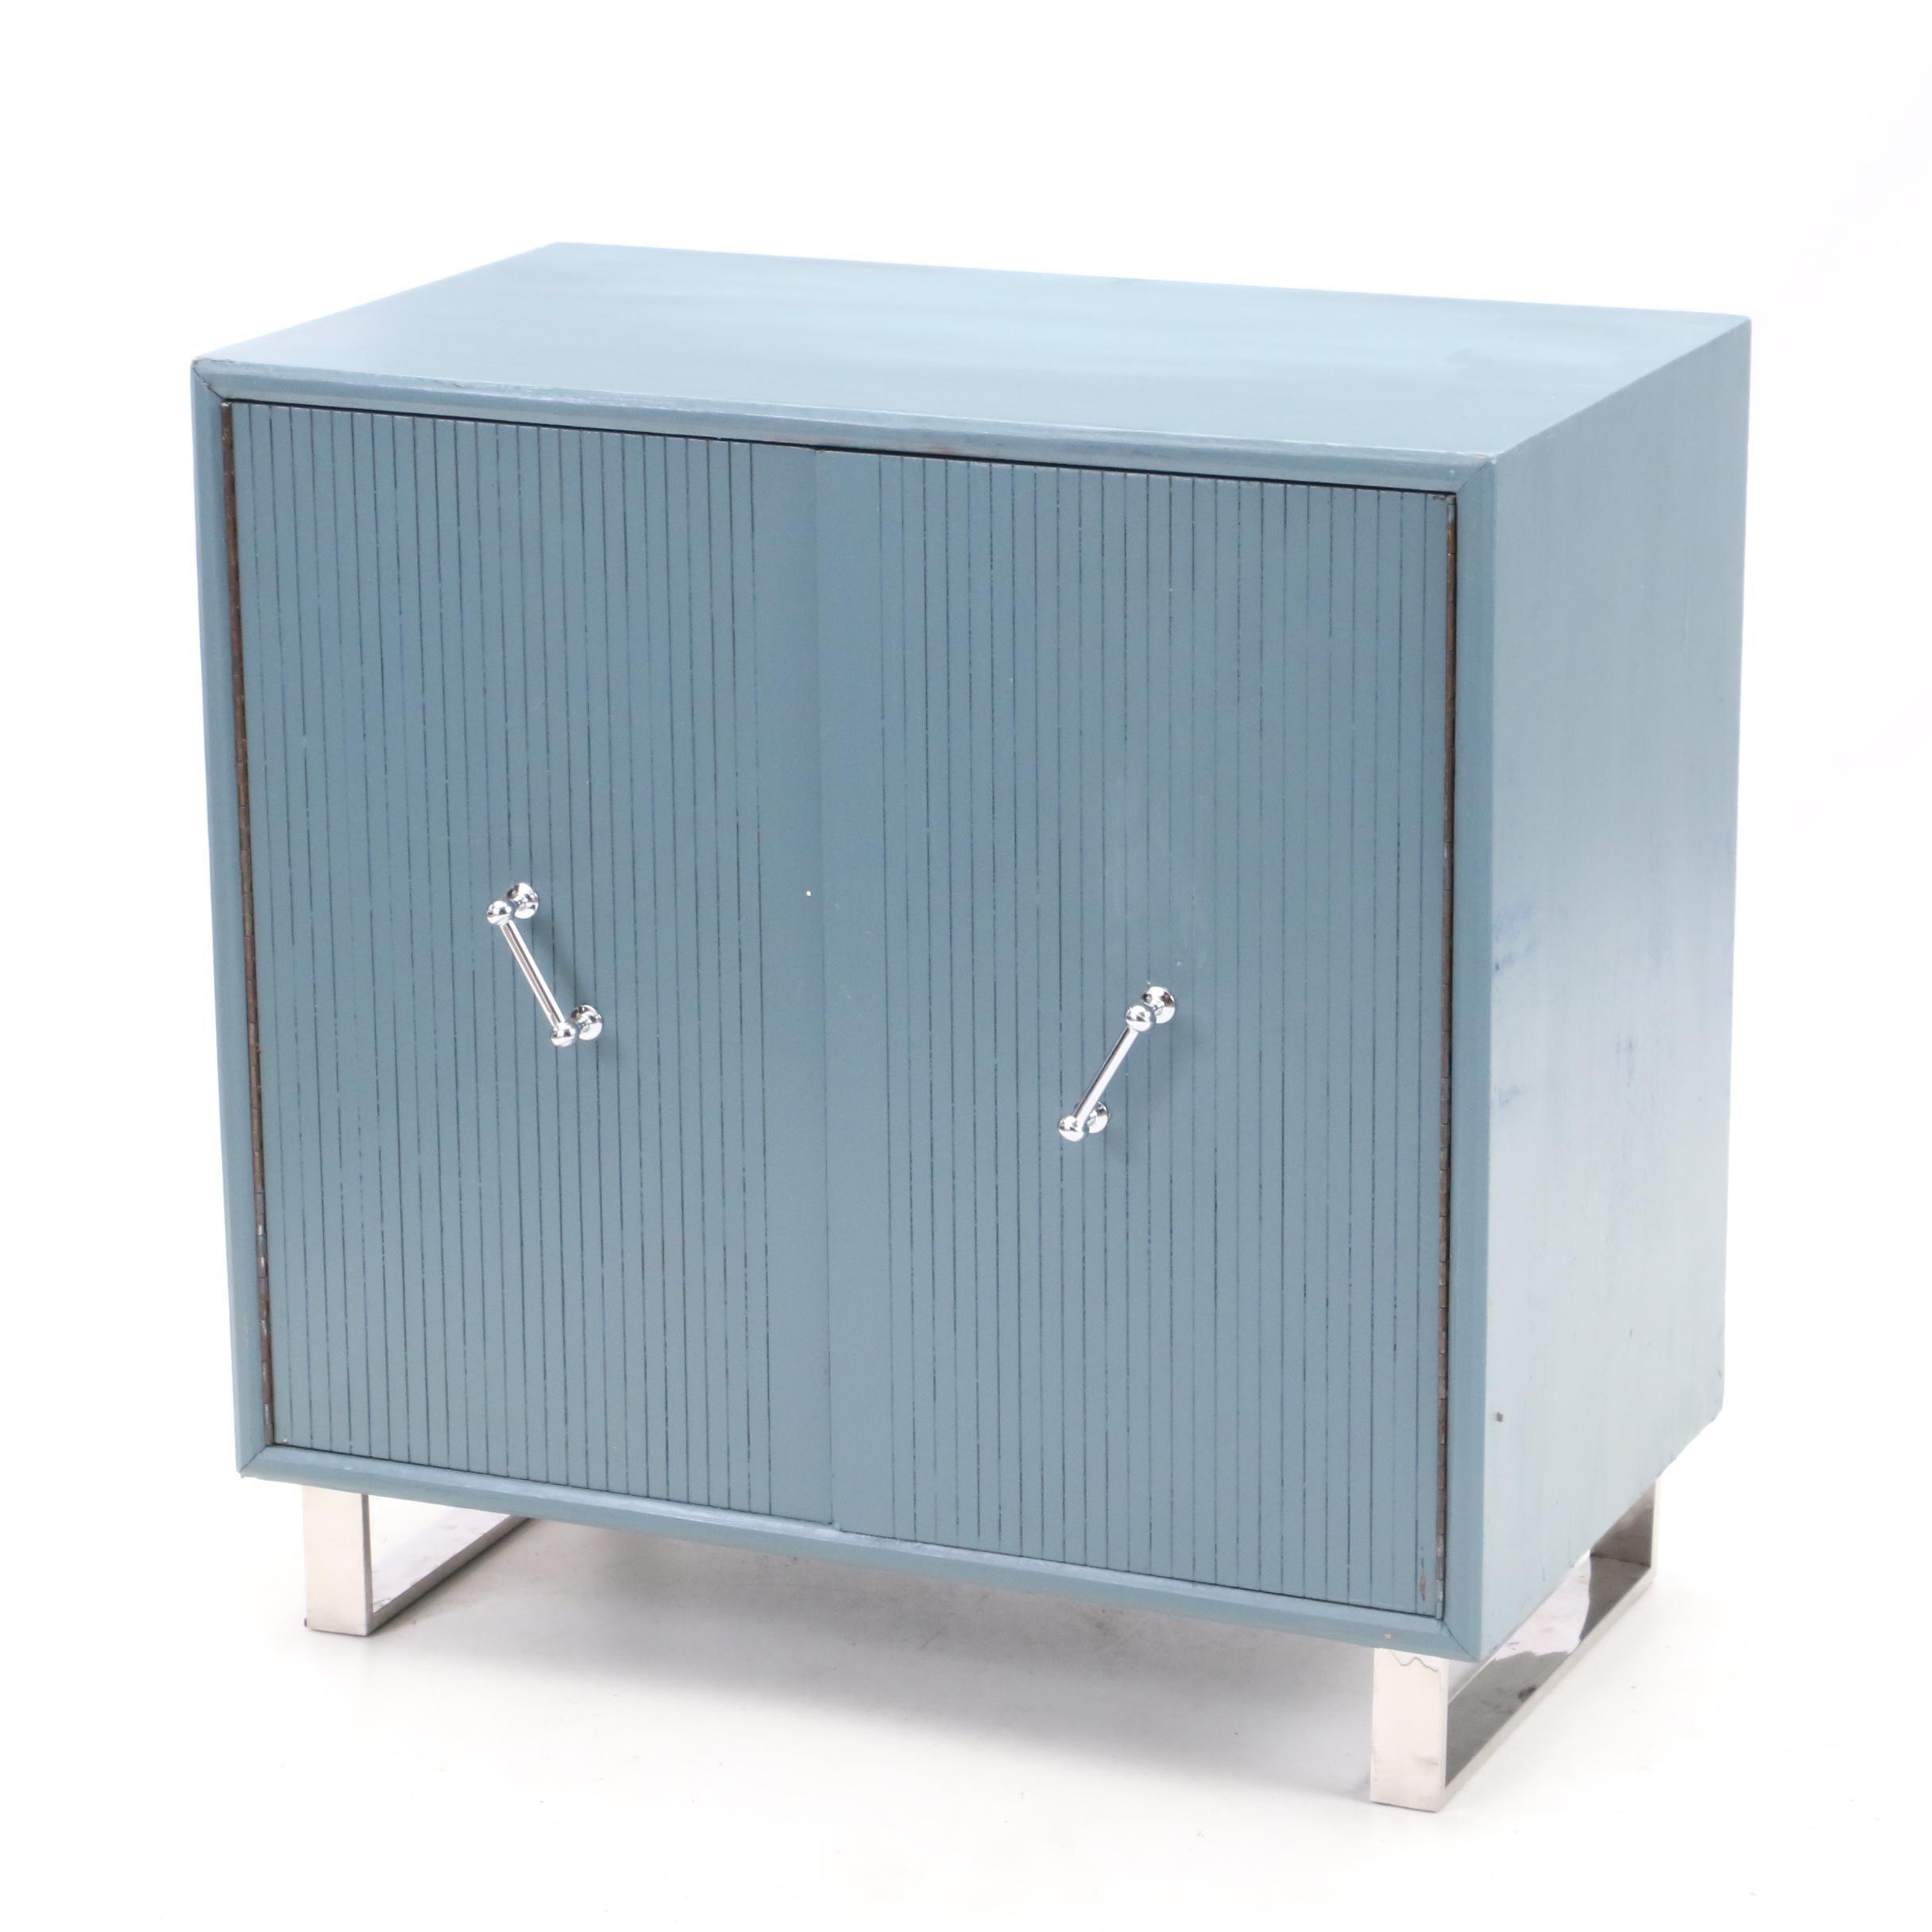 Upright Cedar Cabinet by Lane